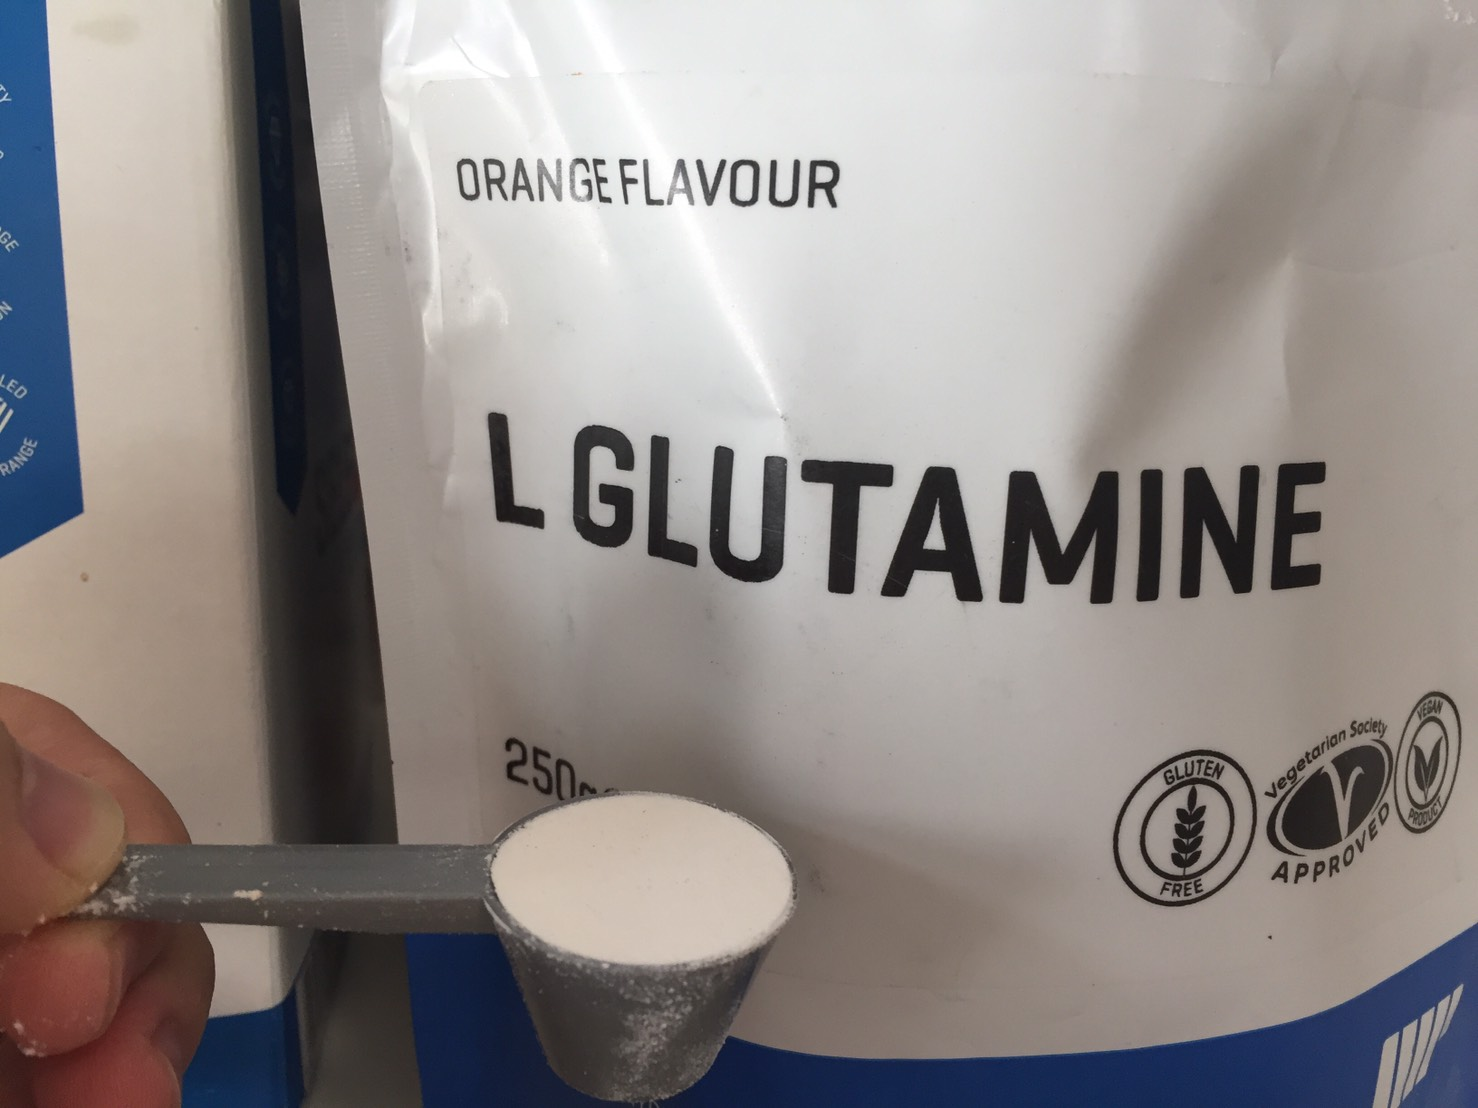 L-グルタミン「ORANGE FLAVOUR(オレンジ味)」を水に溶かします。